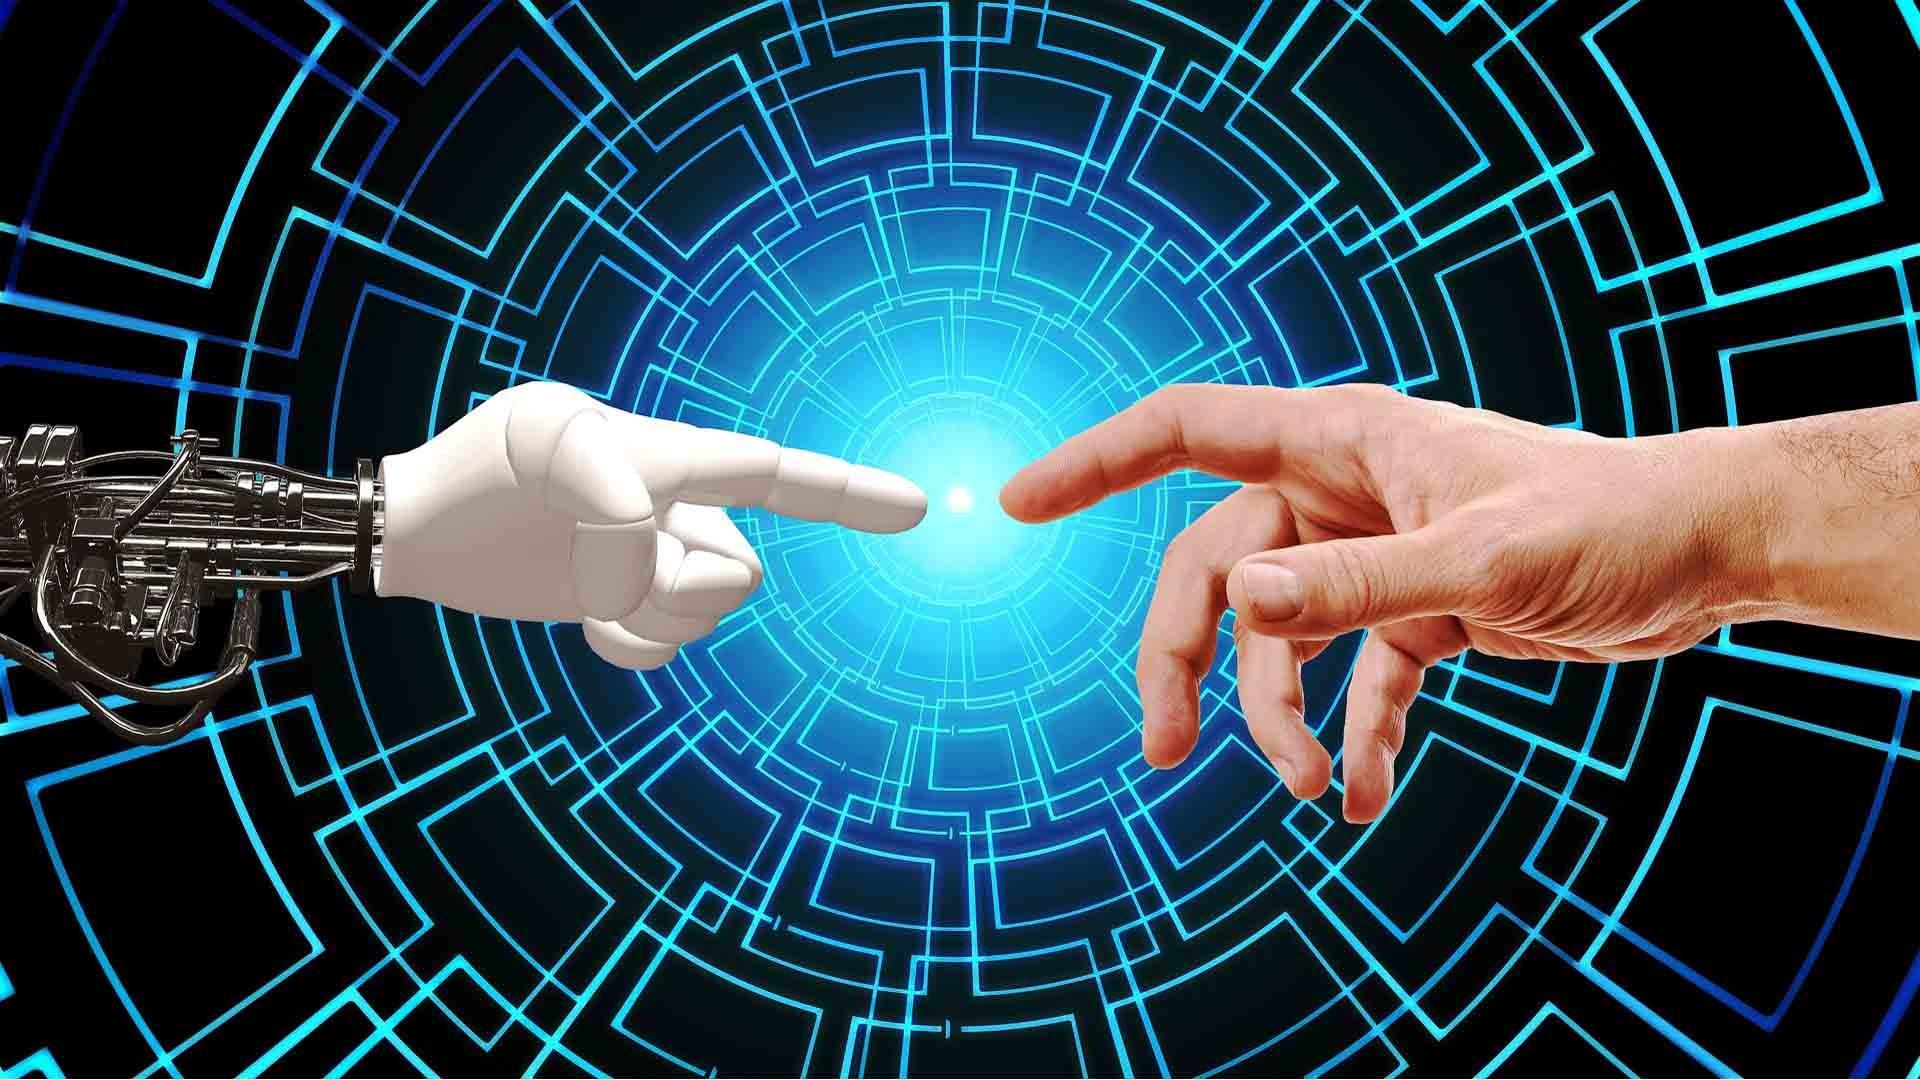 Mano umana e intelligenza artificiale